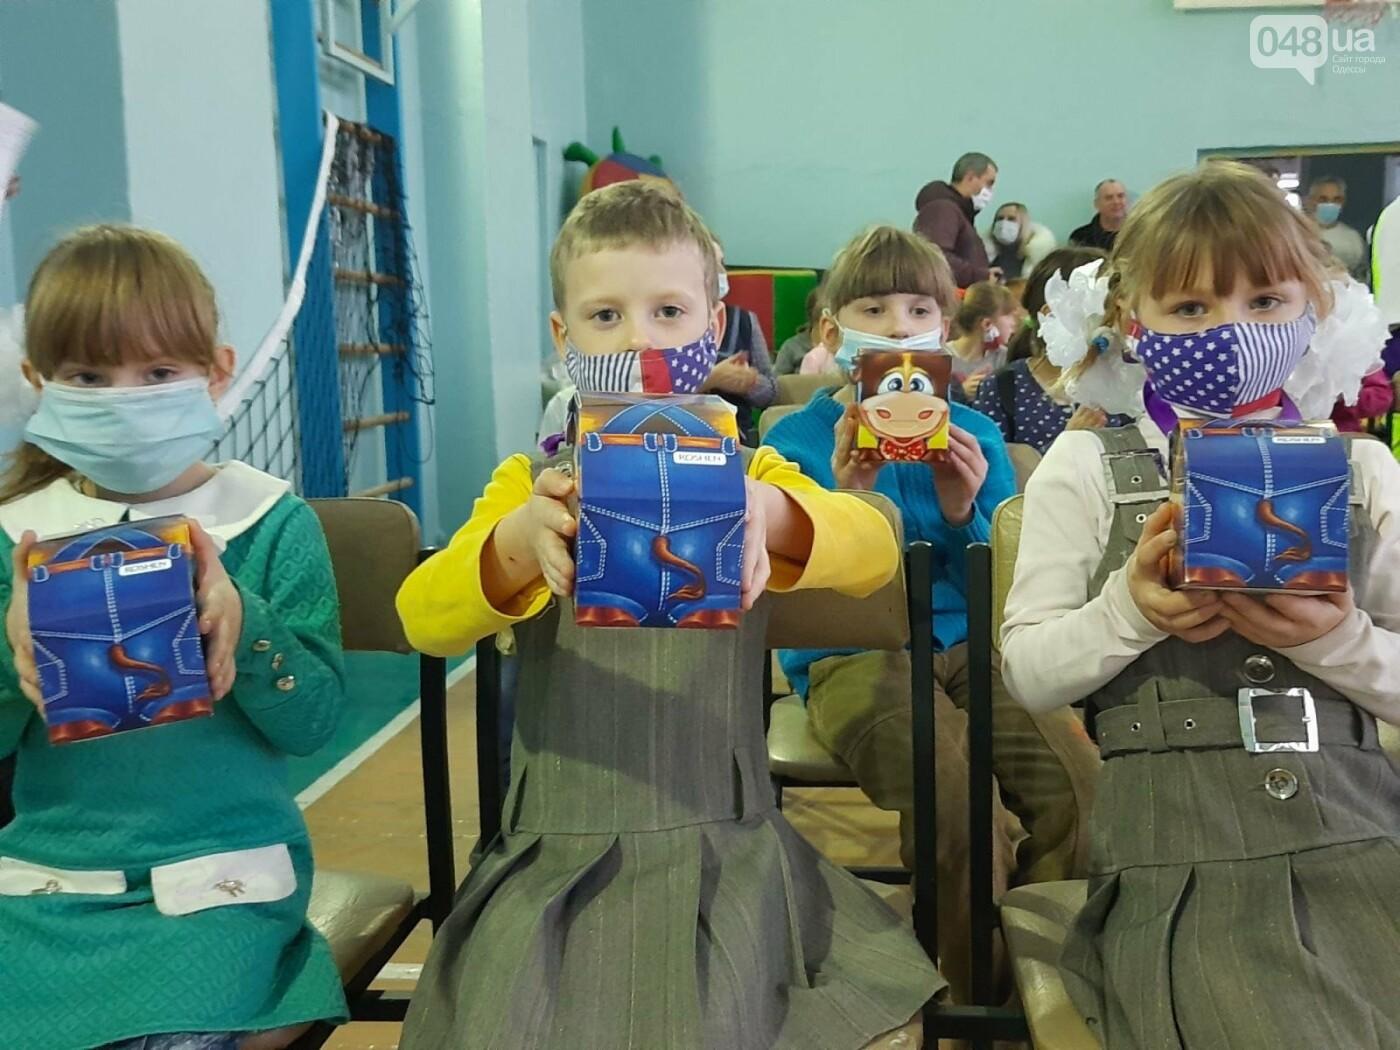 Праздничное чудо: «АТБ» помогает тысячам украинских семей удивить ребенка в день Святого Николая, фото-2